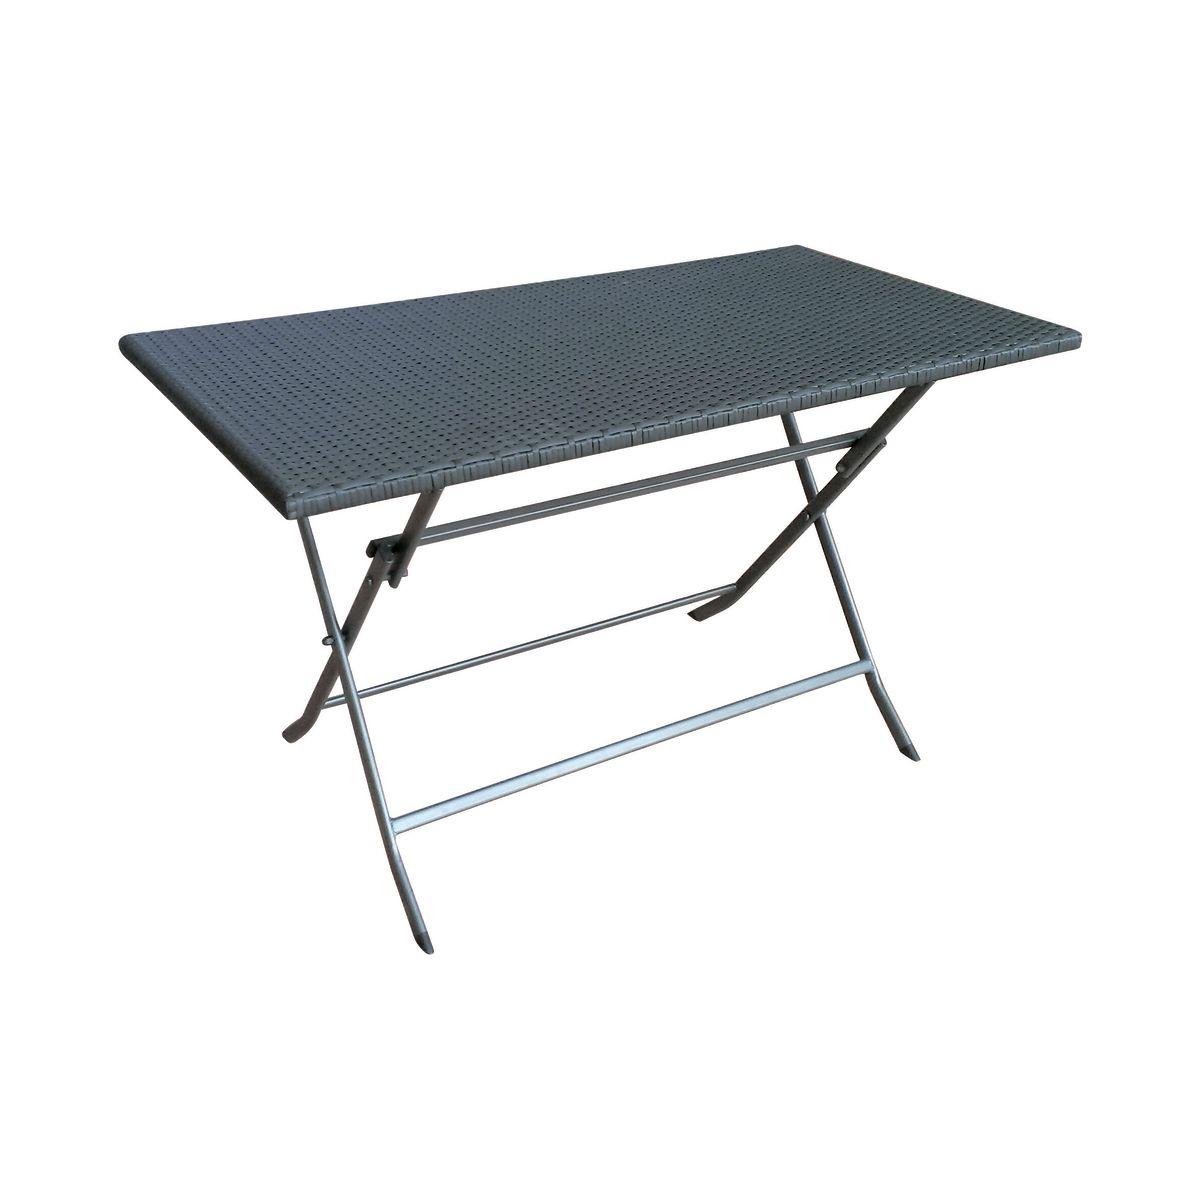 Tavolo pieghevole 120 x 60 cm antracite prezzi e offerte for Leroy merlin tavoli esterno